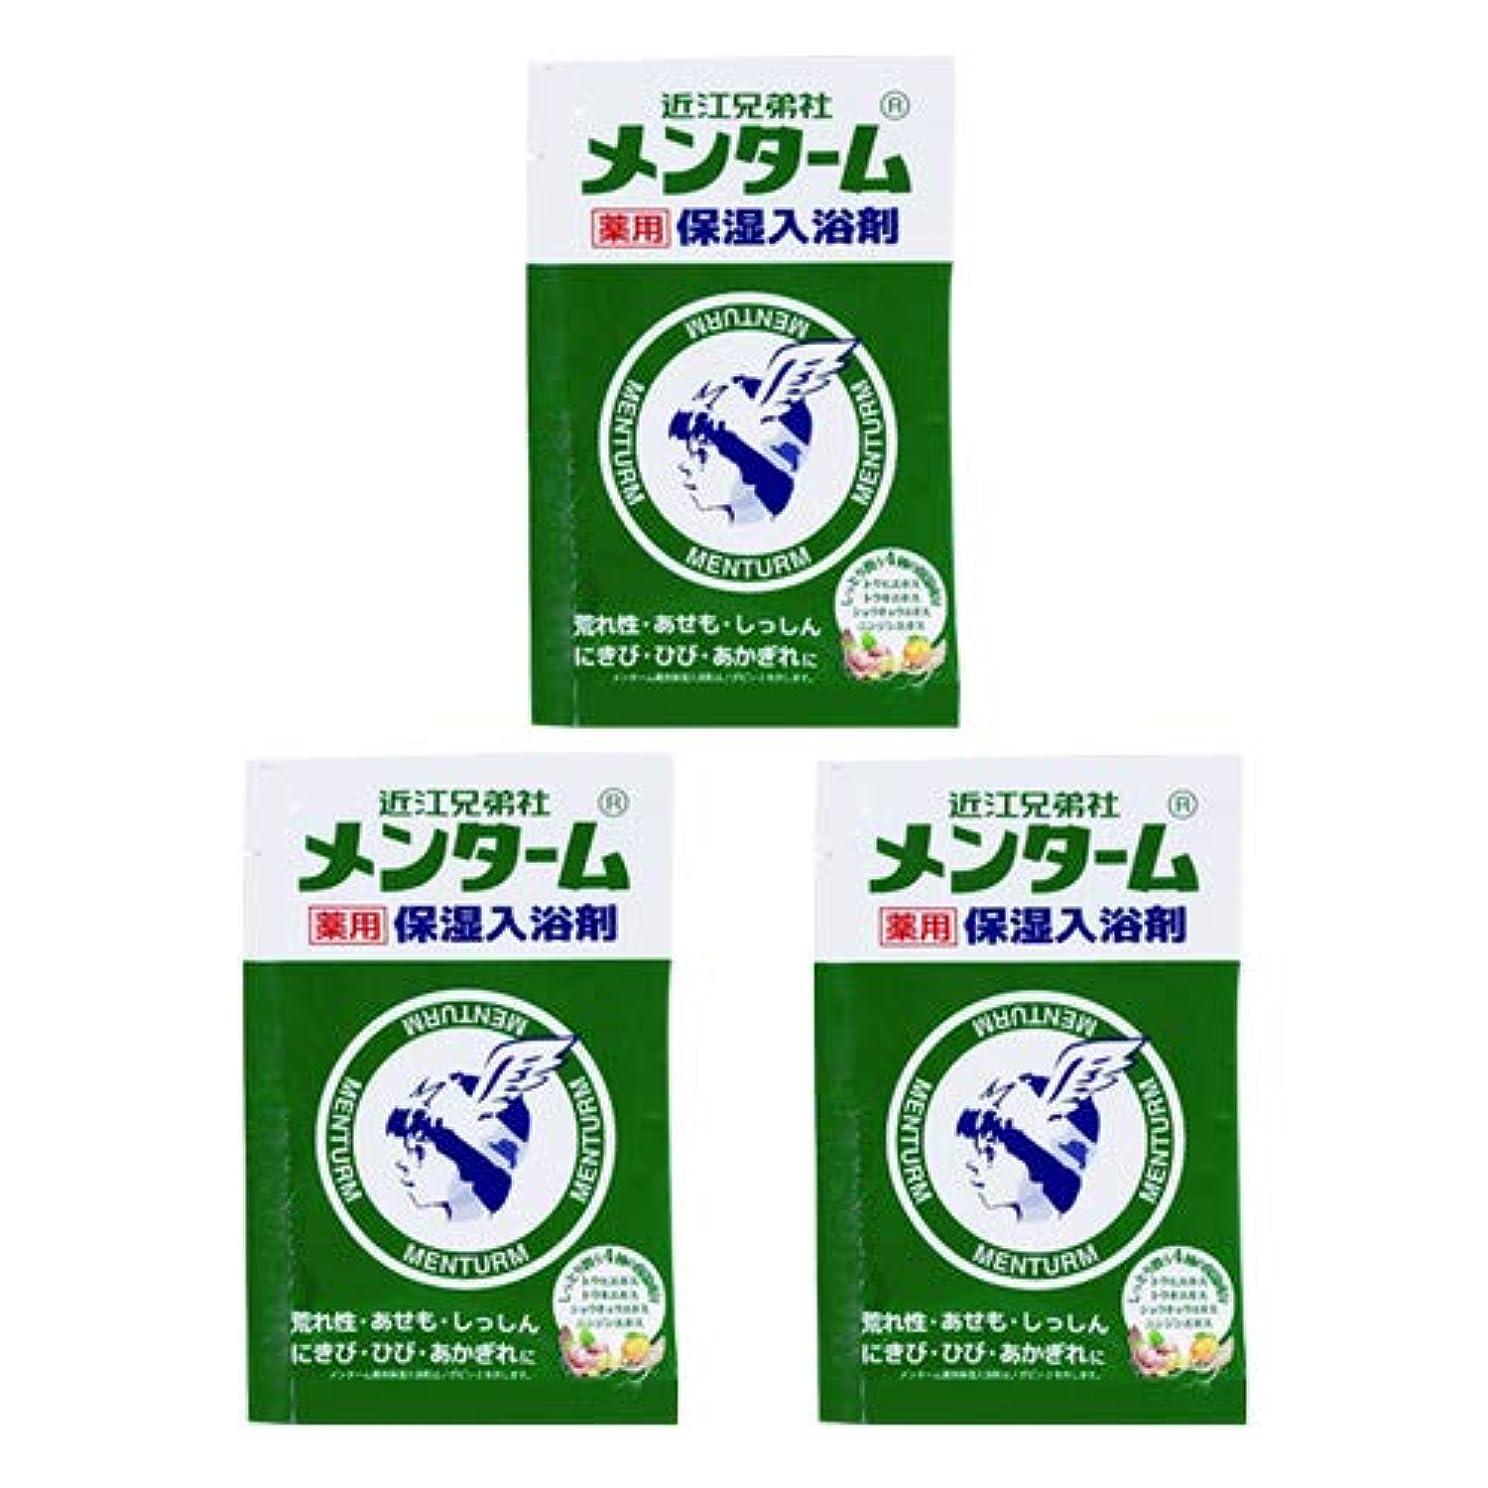 傑出した遅れ競争近江兄弟社 メンターム 薬用 保湿入浴剤 25g×3個セット